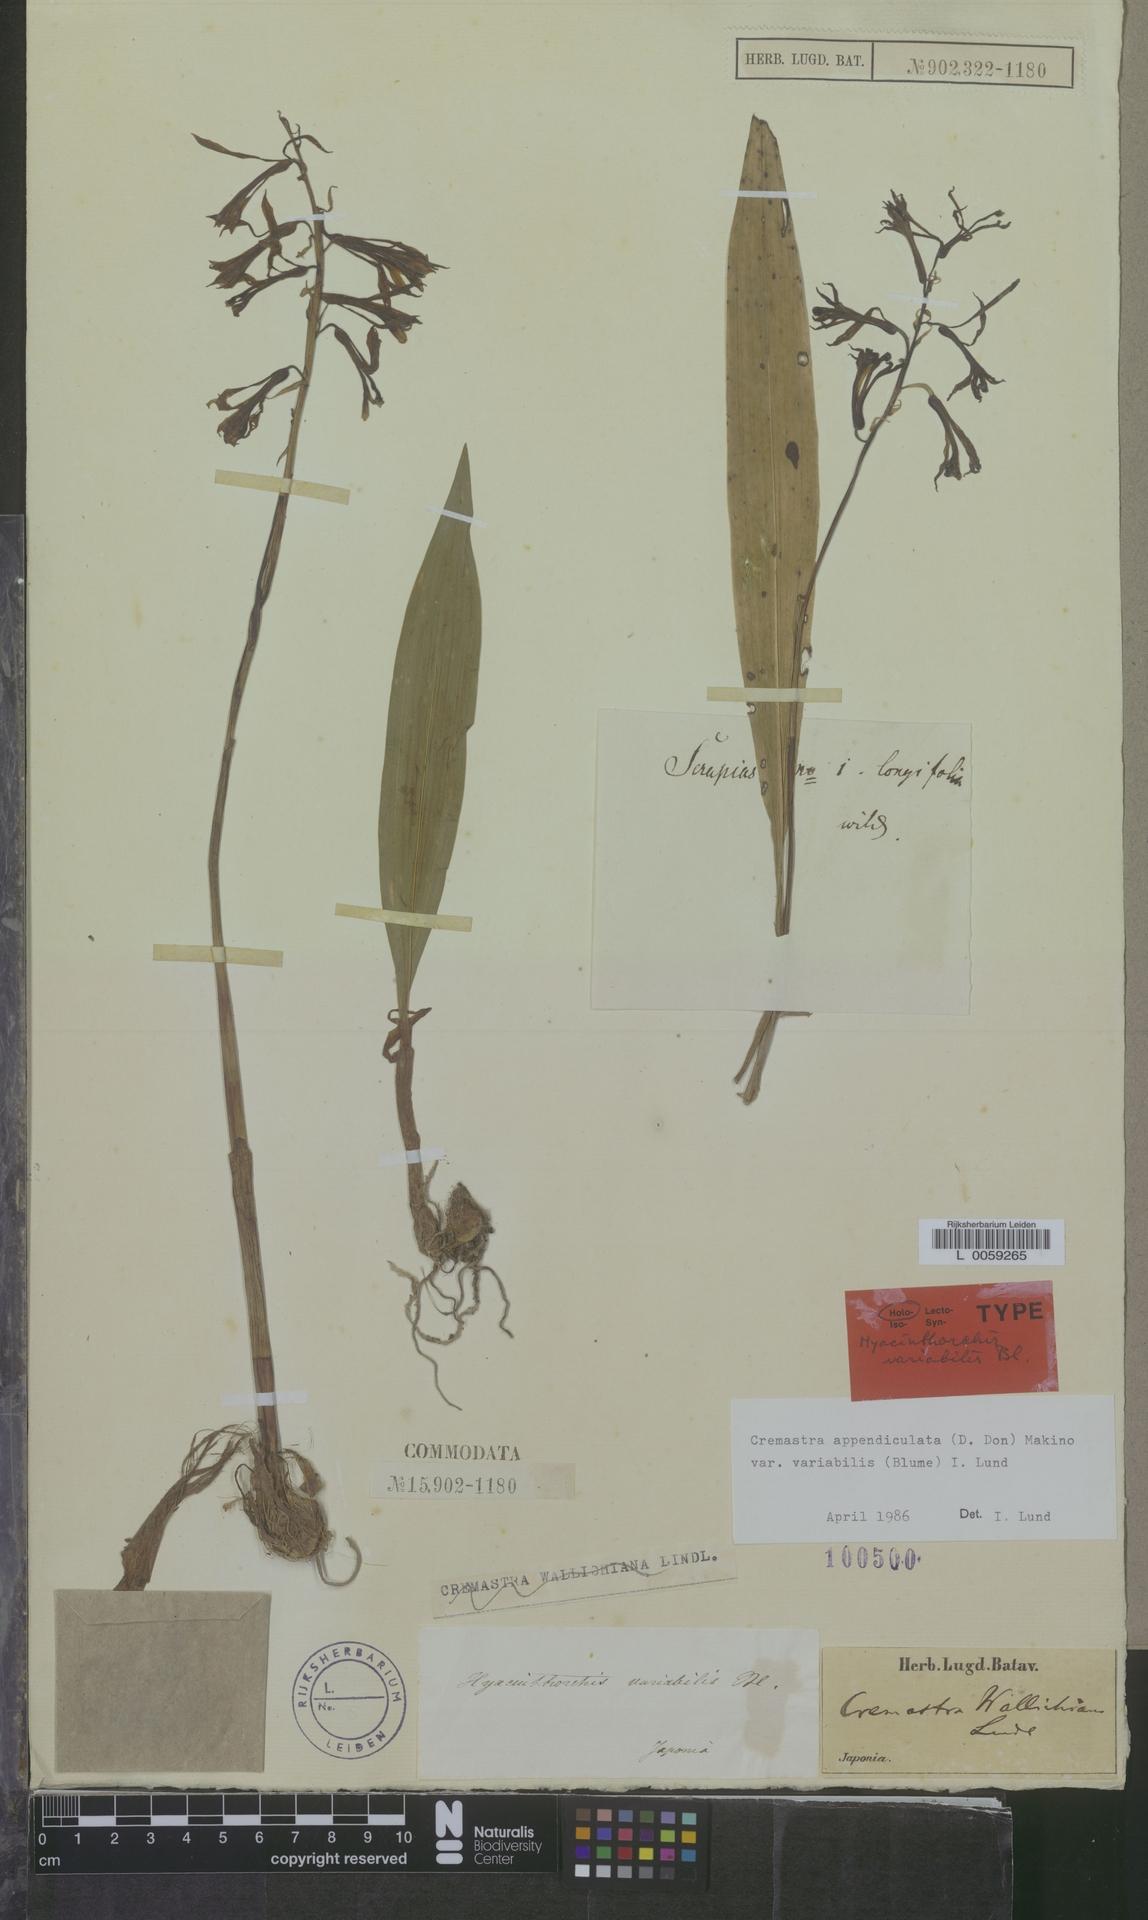 L  0059265 | Cremastra appendiculata var. variabilis (Blume) I.D.Lund